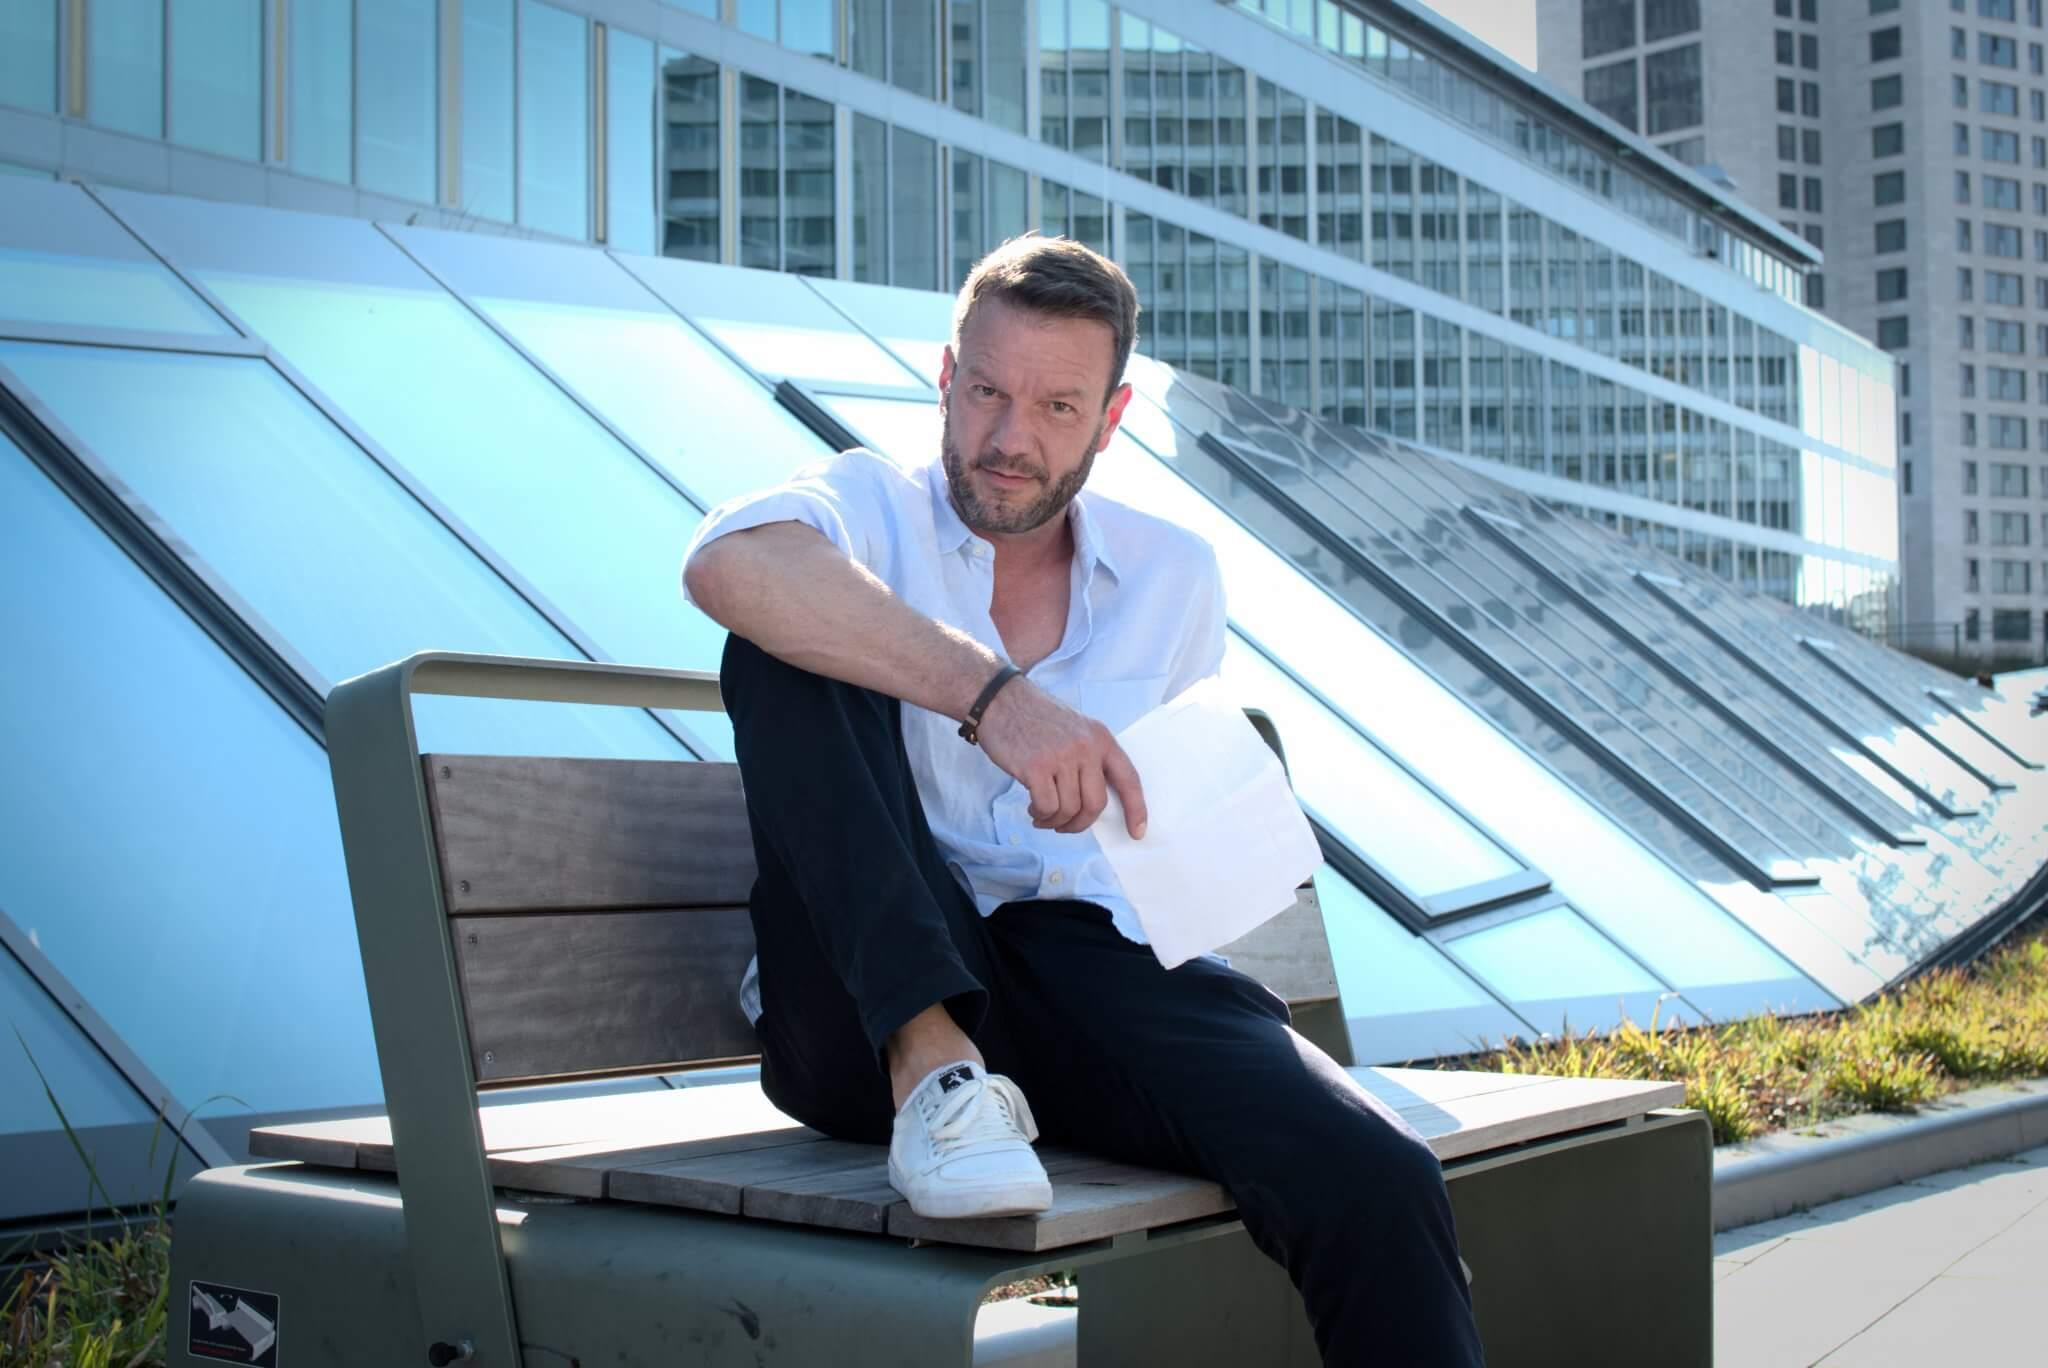 Florian Schwiecker